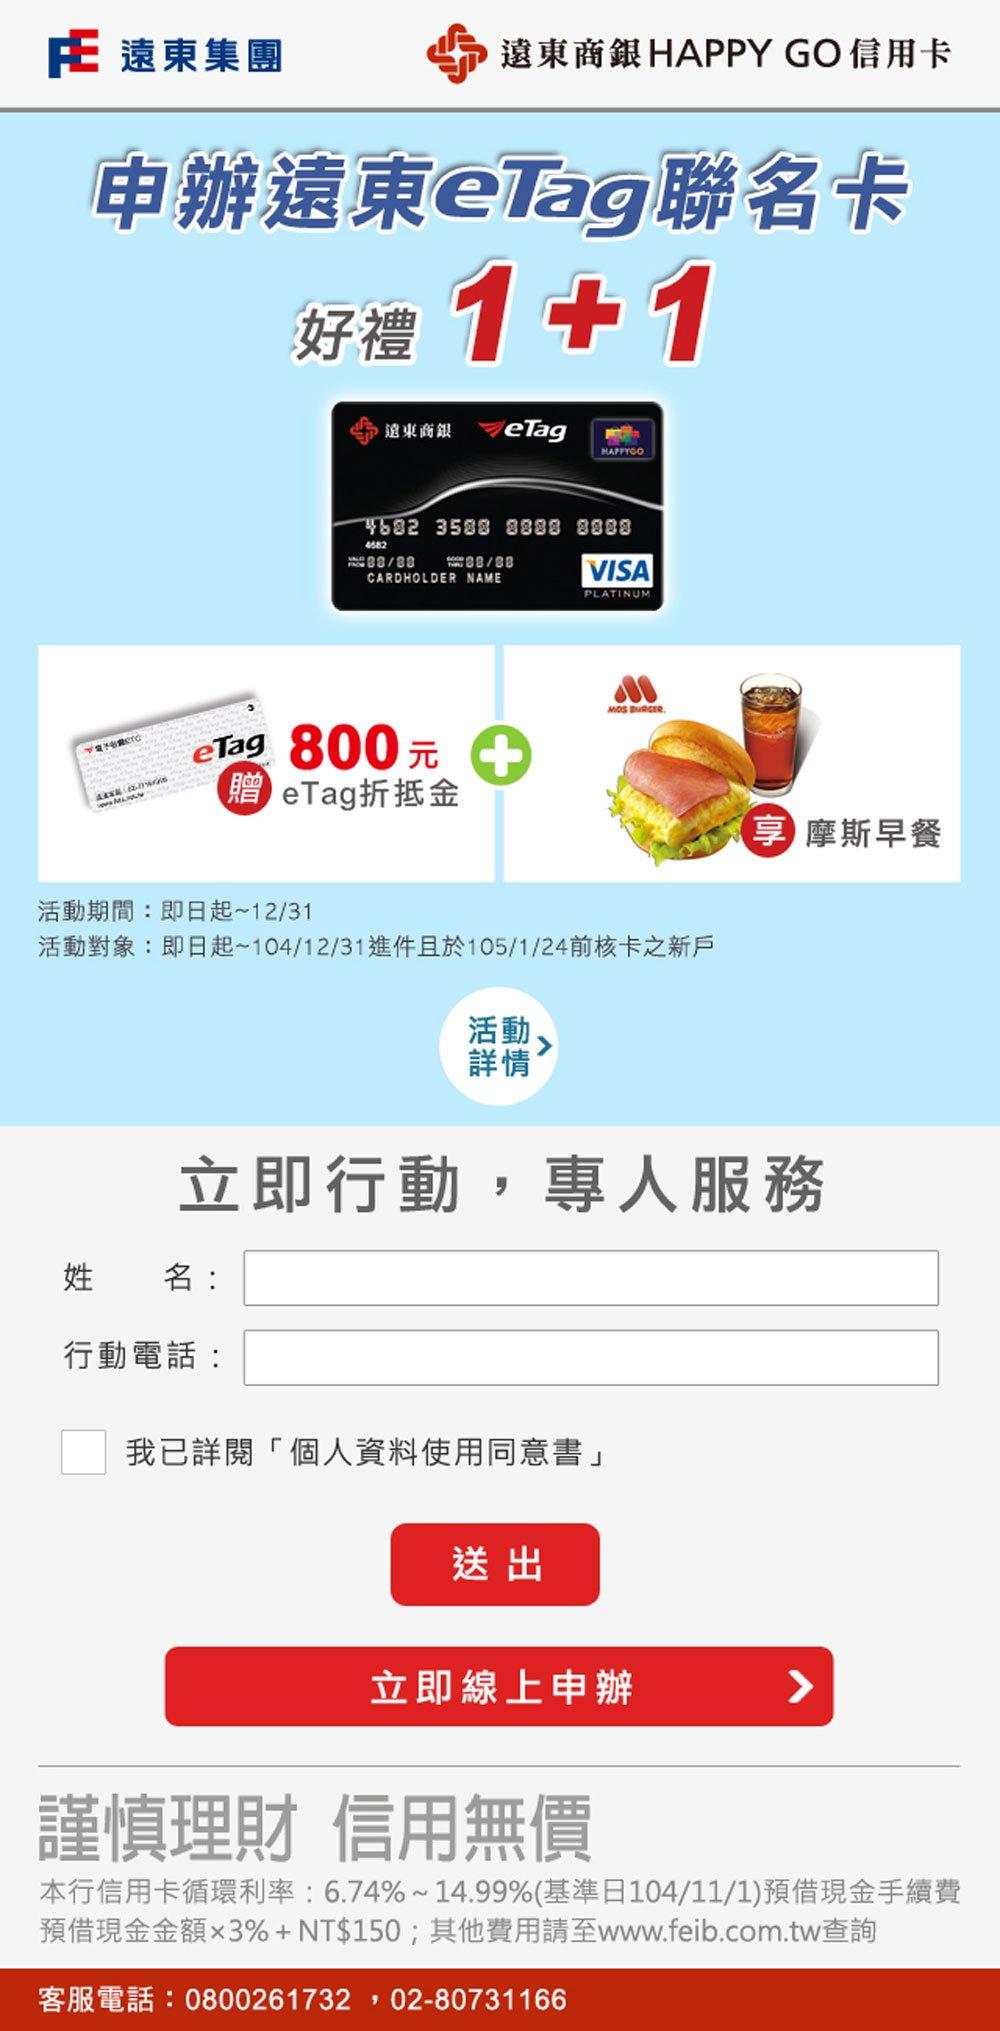 遠東商銀-etag聯名卡交叉銷售活動